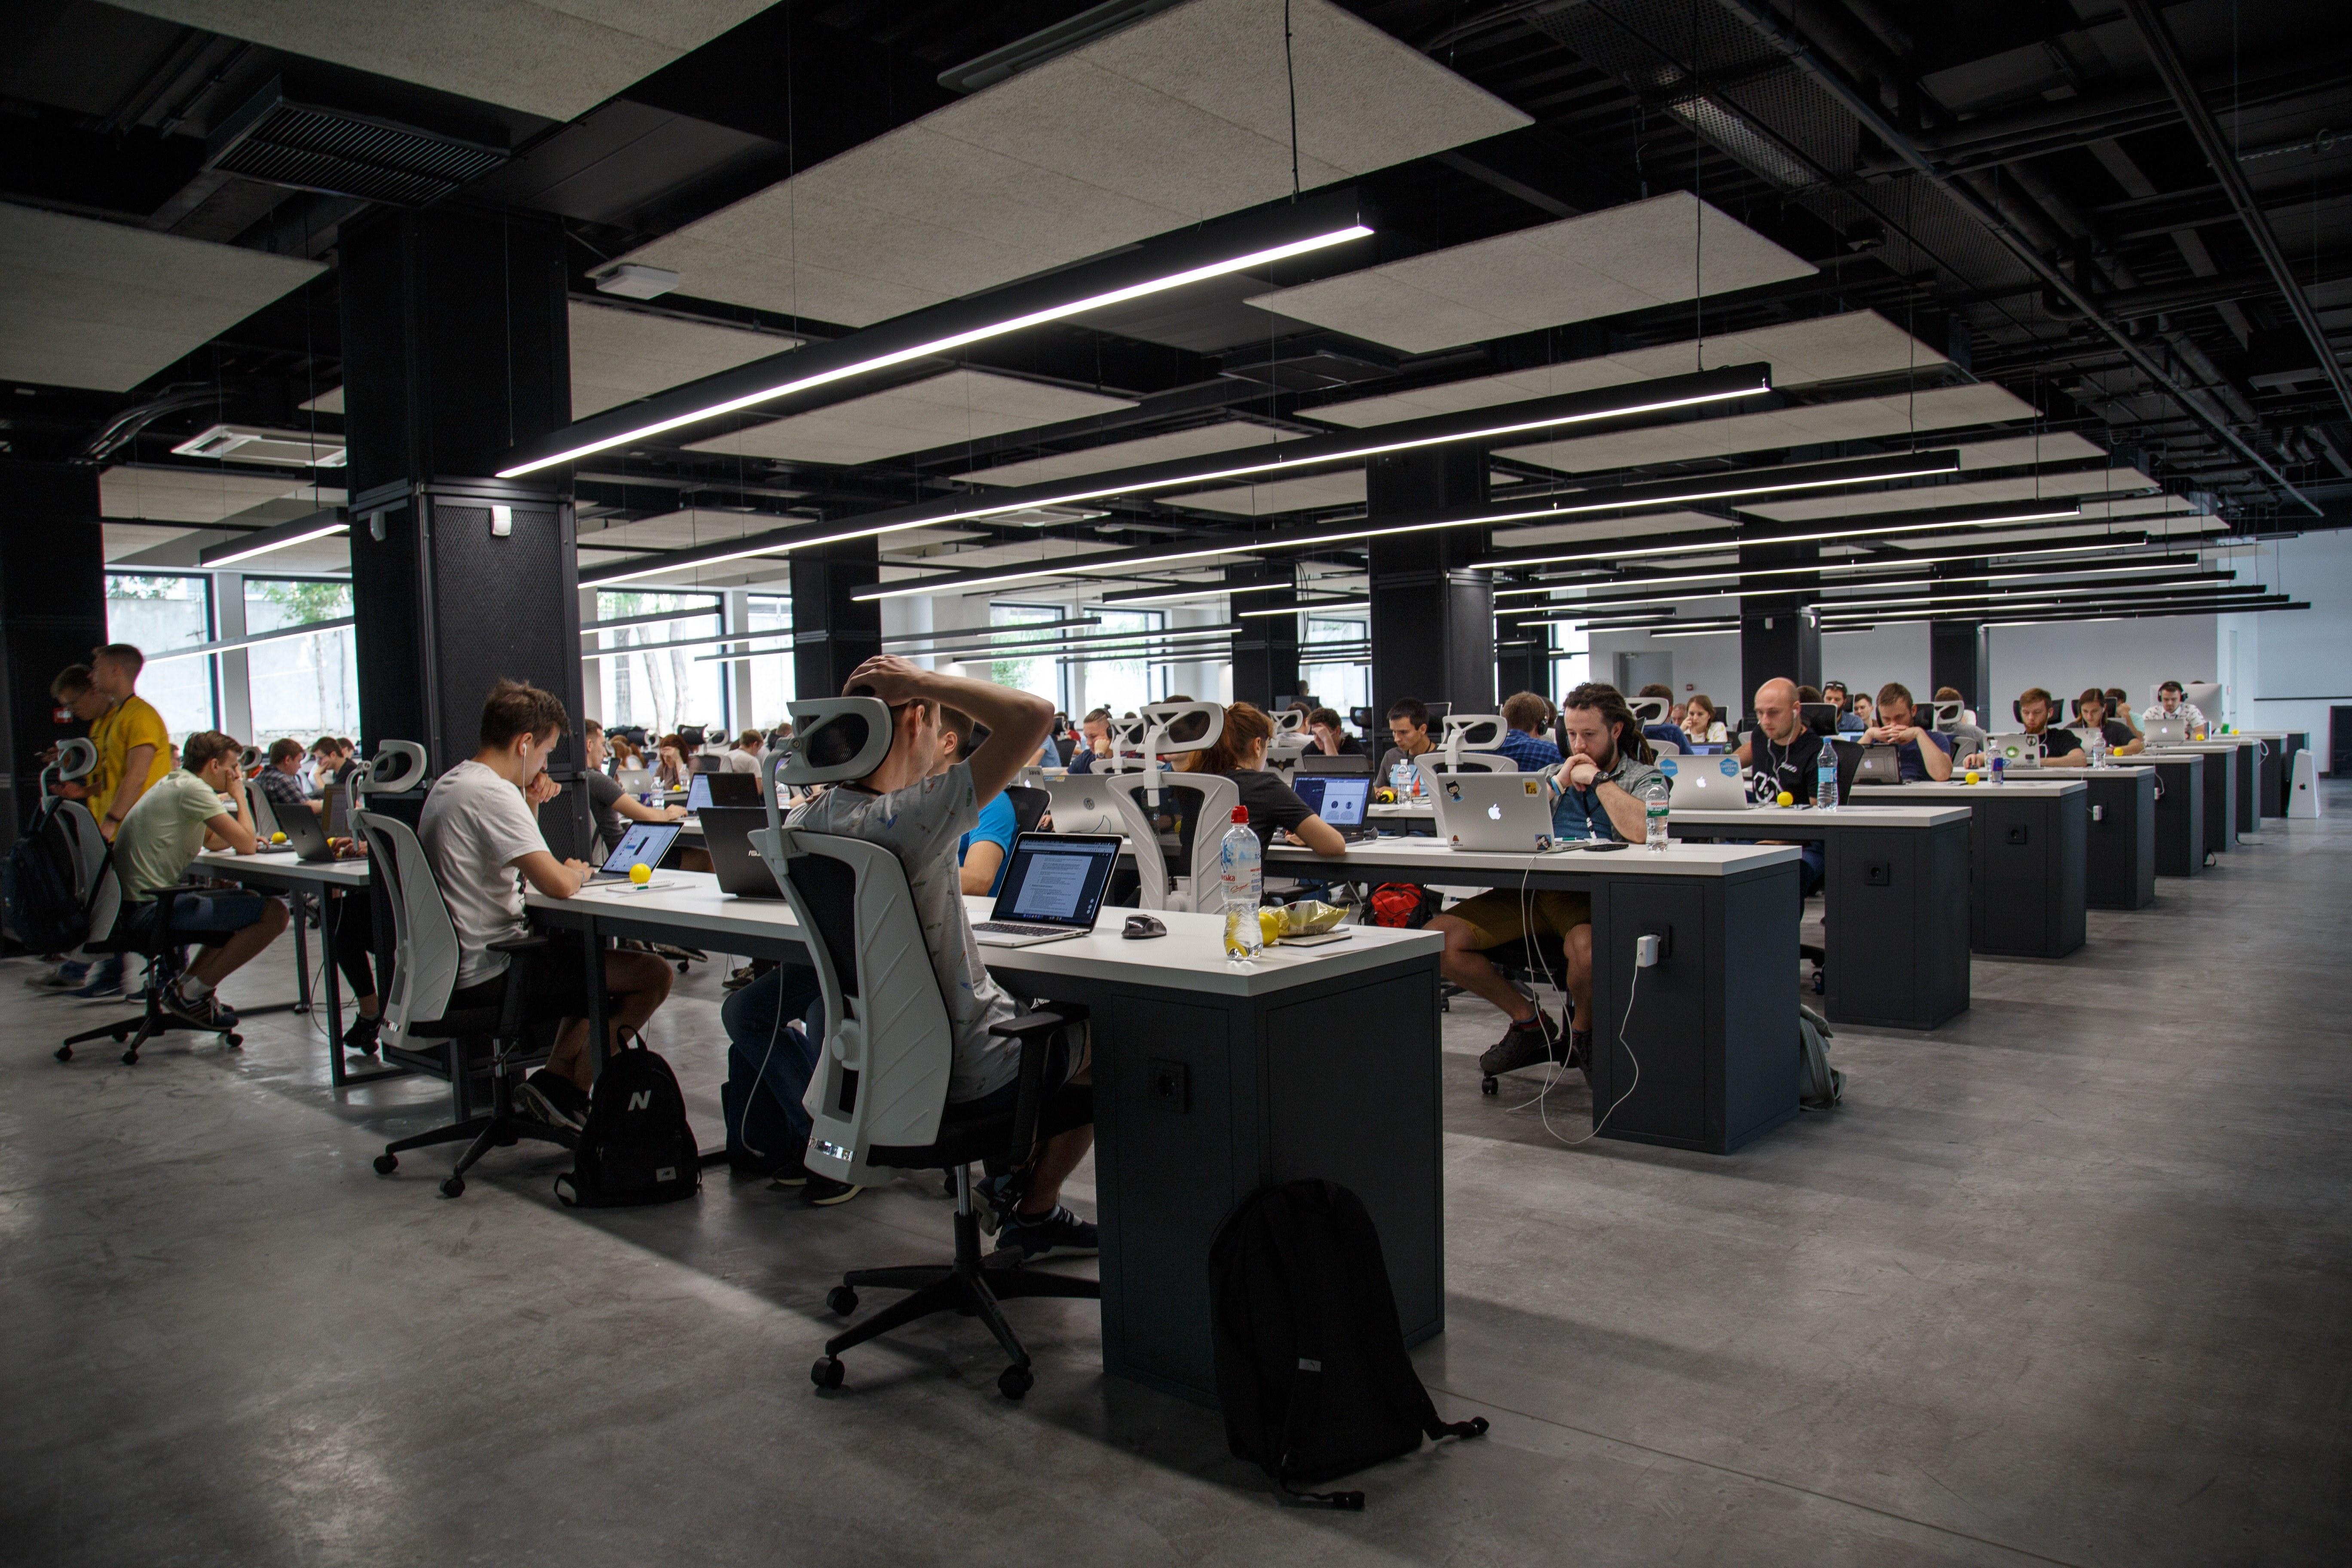 Administrês: 60 jargões em inglês mais utilizados no meio empresarial